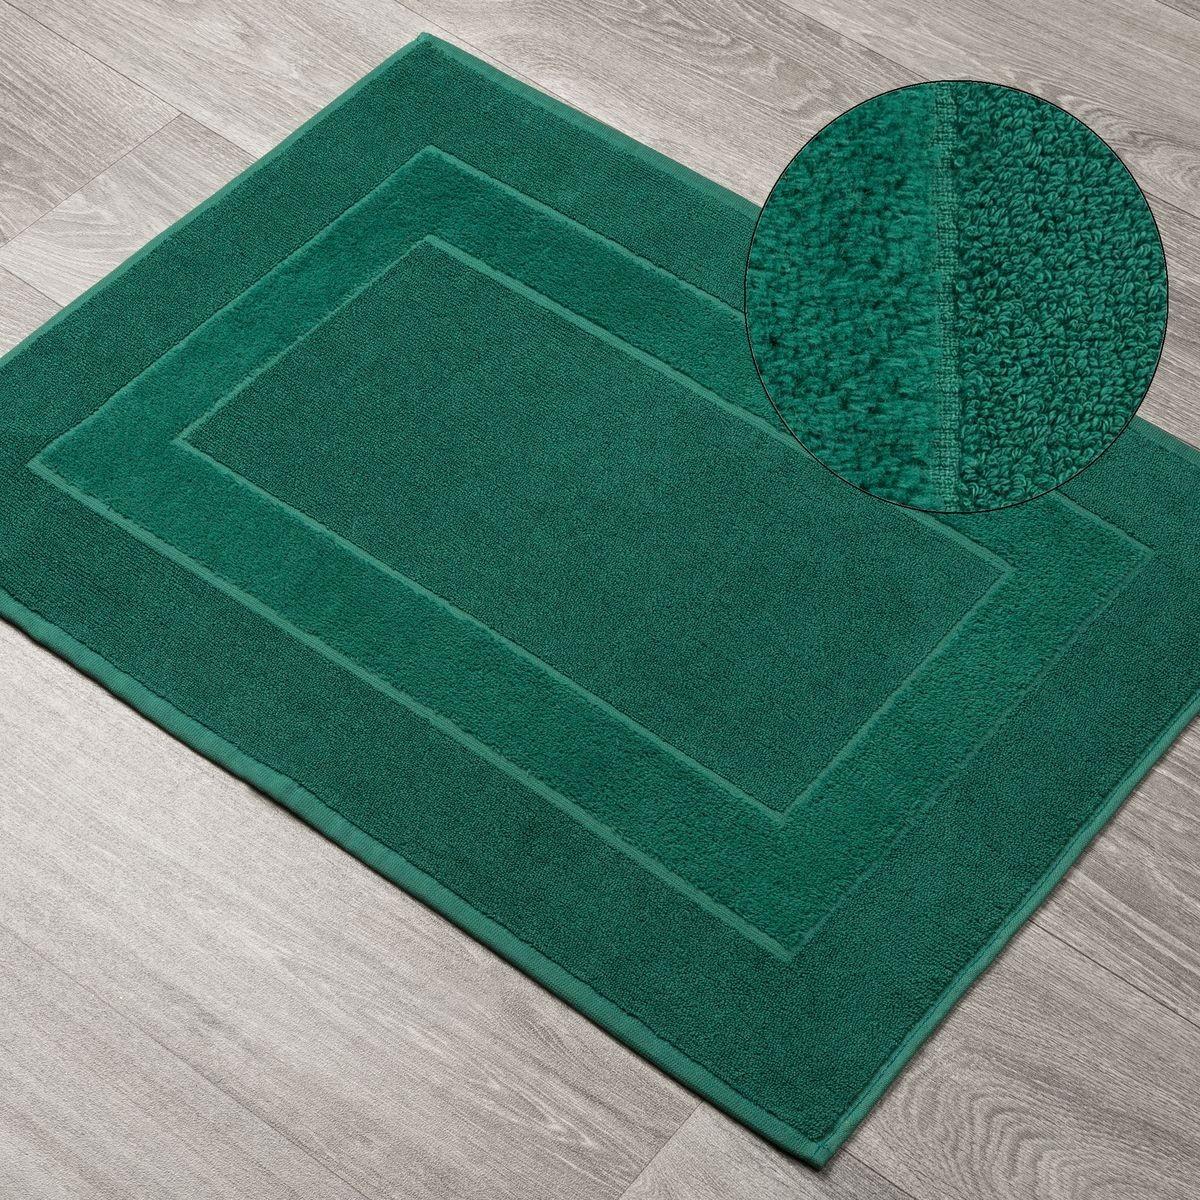 DomTextilu Tmavozelený vzorovaný kúpeľňový koberec Šírka: 50 cm | Dĺžka: 70 cm 44536-208248